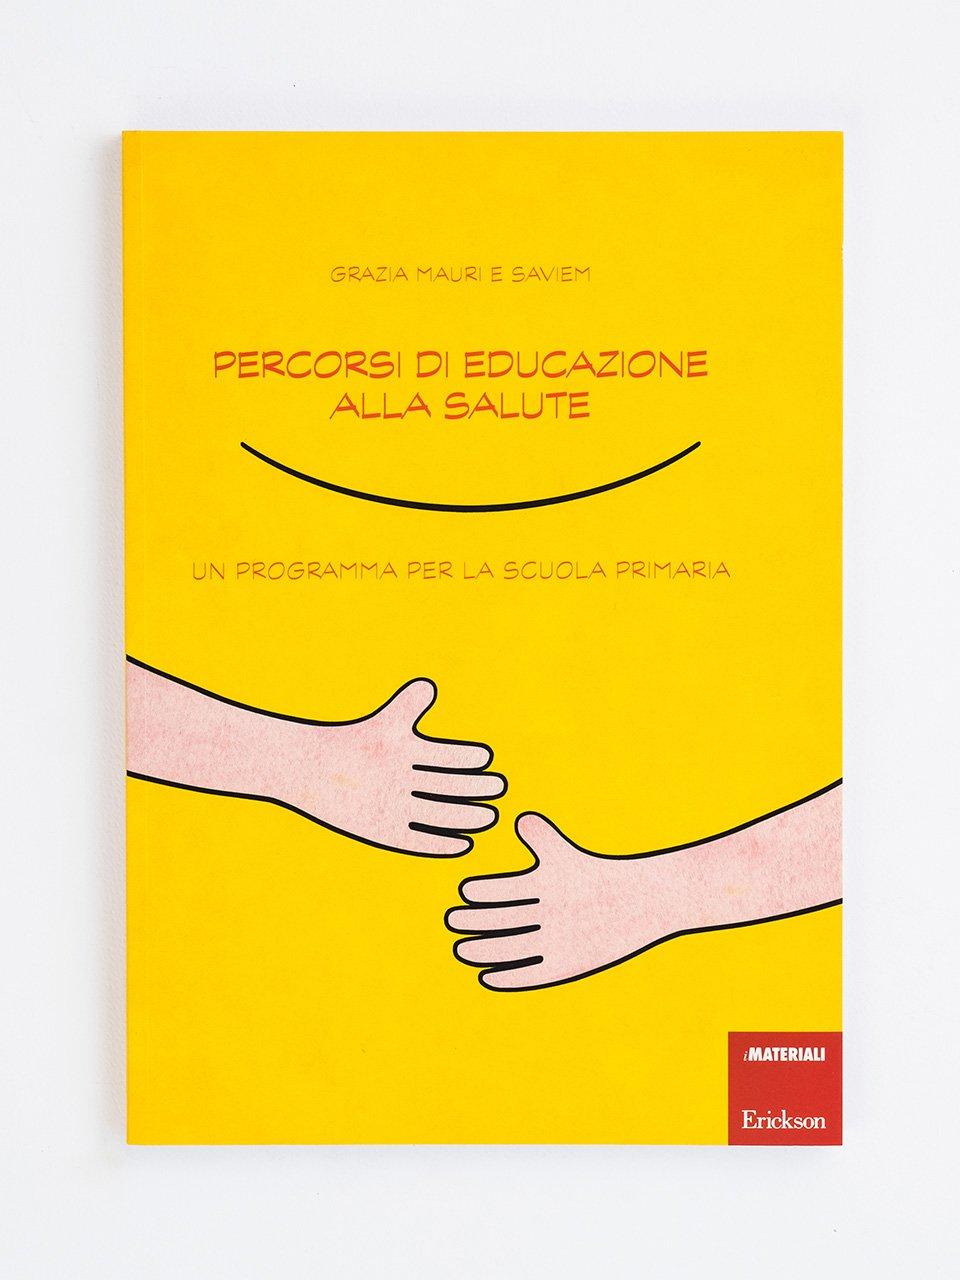 Percorsi di educazione alla salute - Benessere yoga per bambini - Libri - Erickson